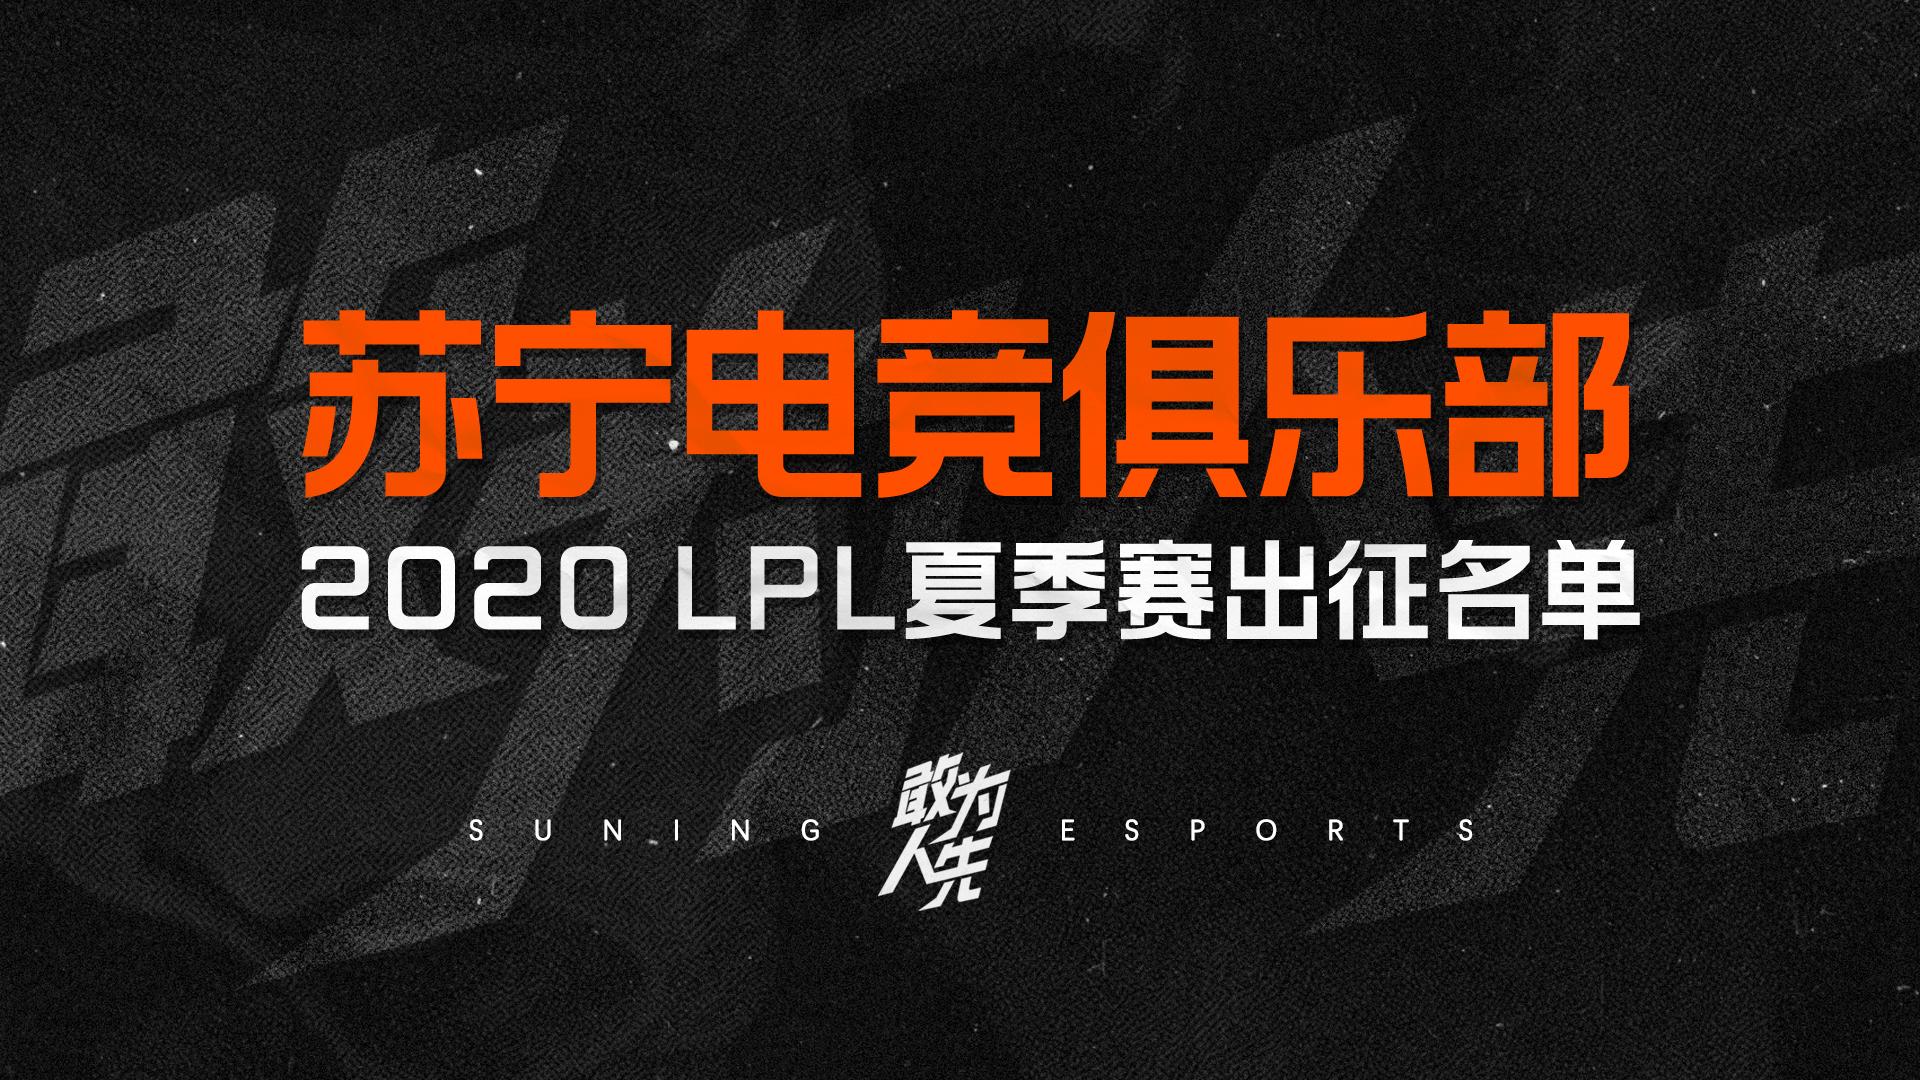 苏宁电竞俱乐部英雄联盟一队2020夏季赛大名单